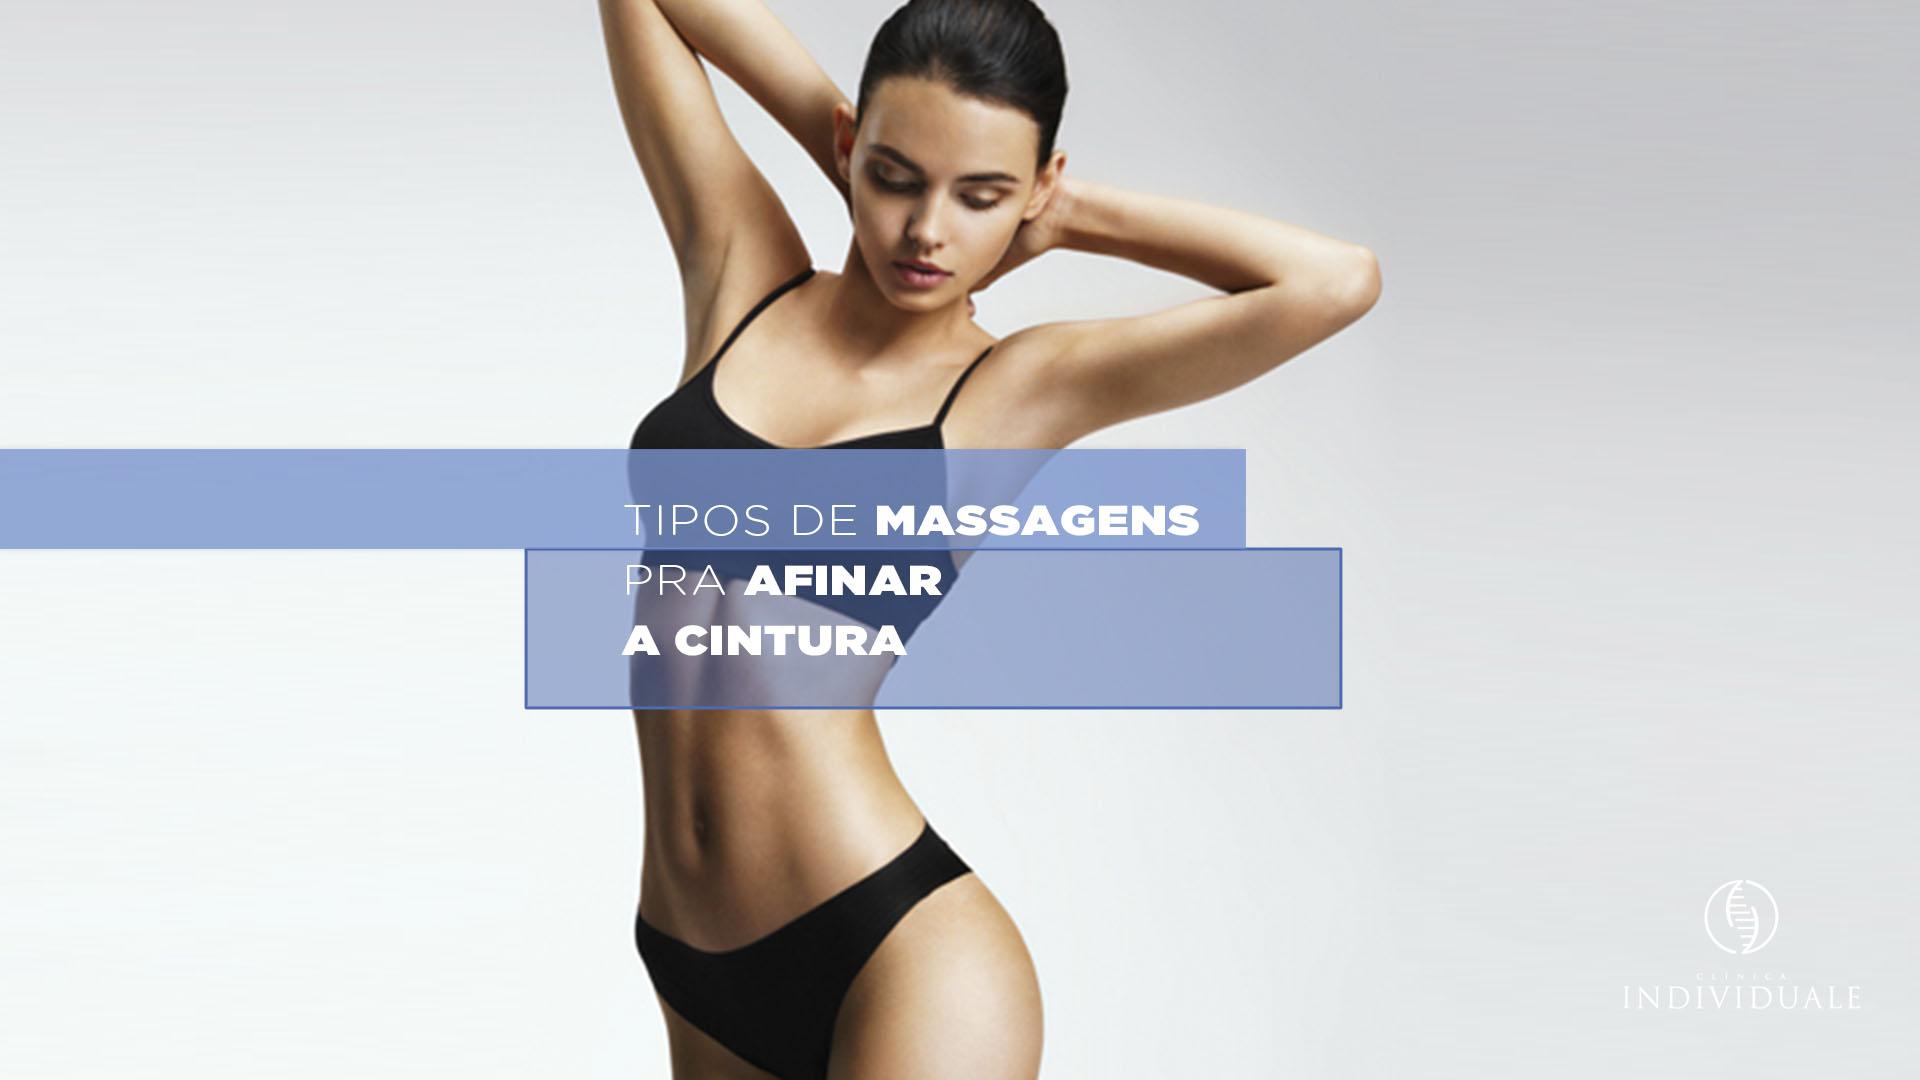 Tipos de Massagens para Afinar a Cintura